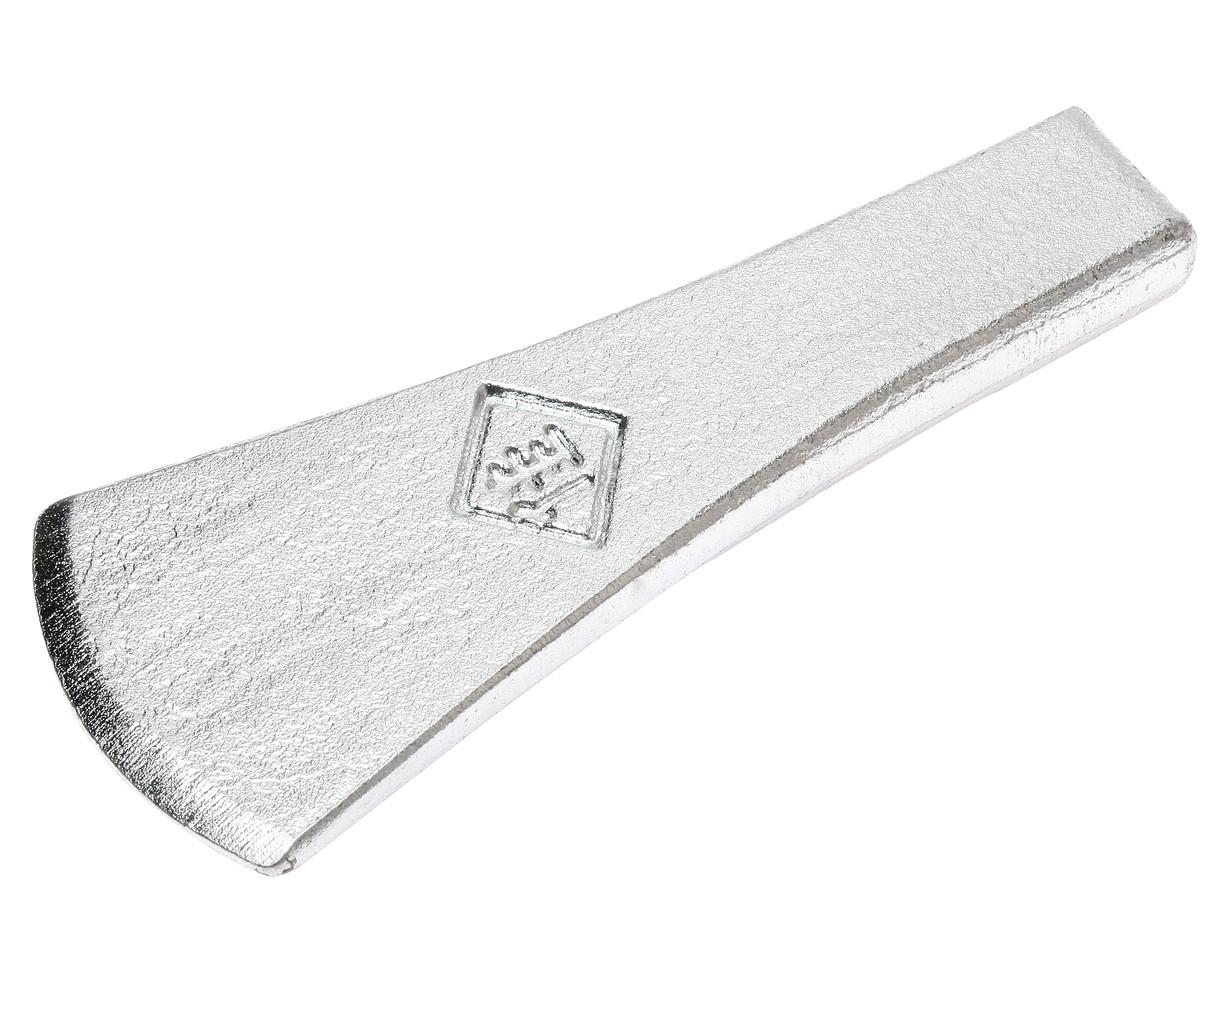 Инструмент рихтовочный (ширина 48мм, L=110мм)